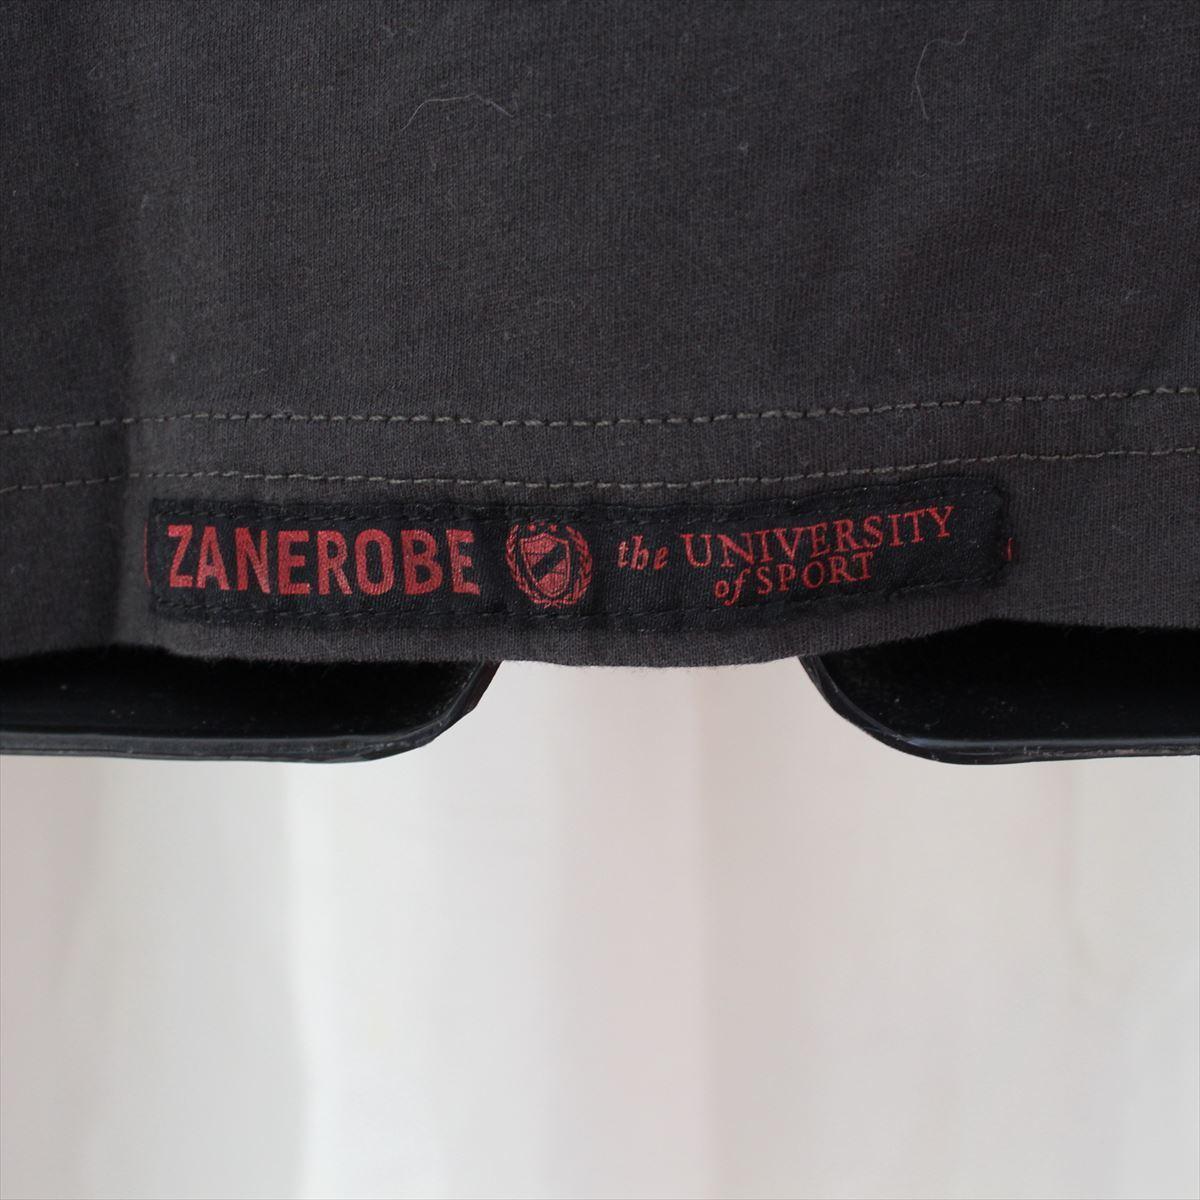 ゼインローブ ZANEROBE メンズ半袖Tシャツ ブラック Mサイズ 新品_画像5